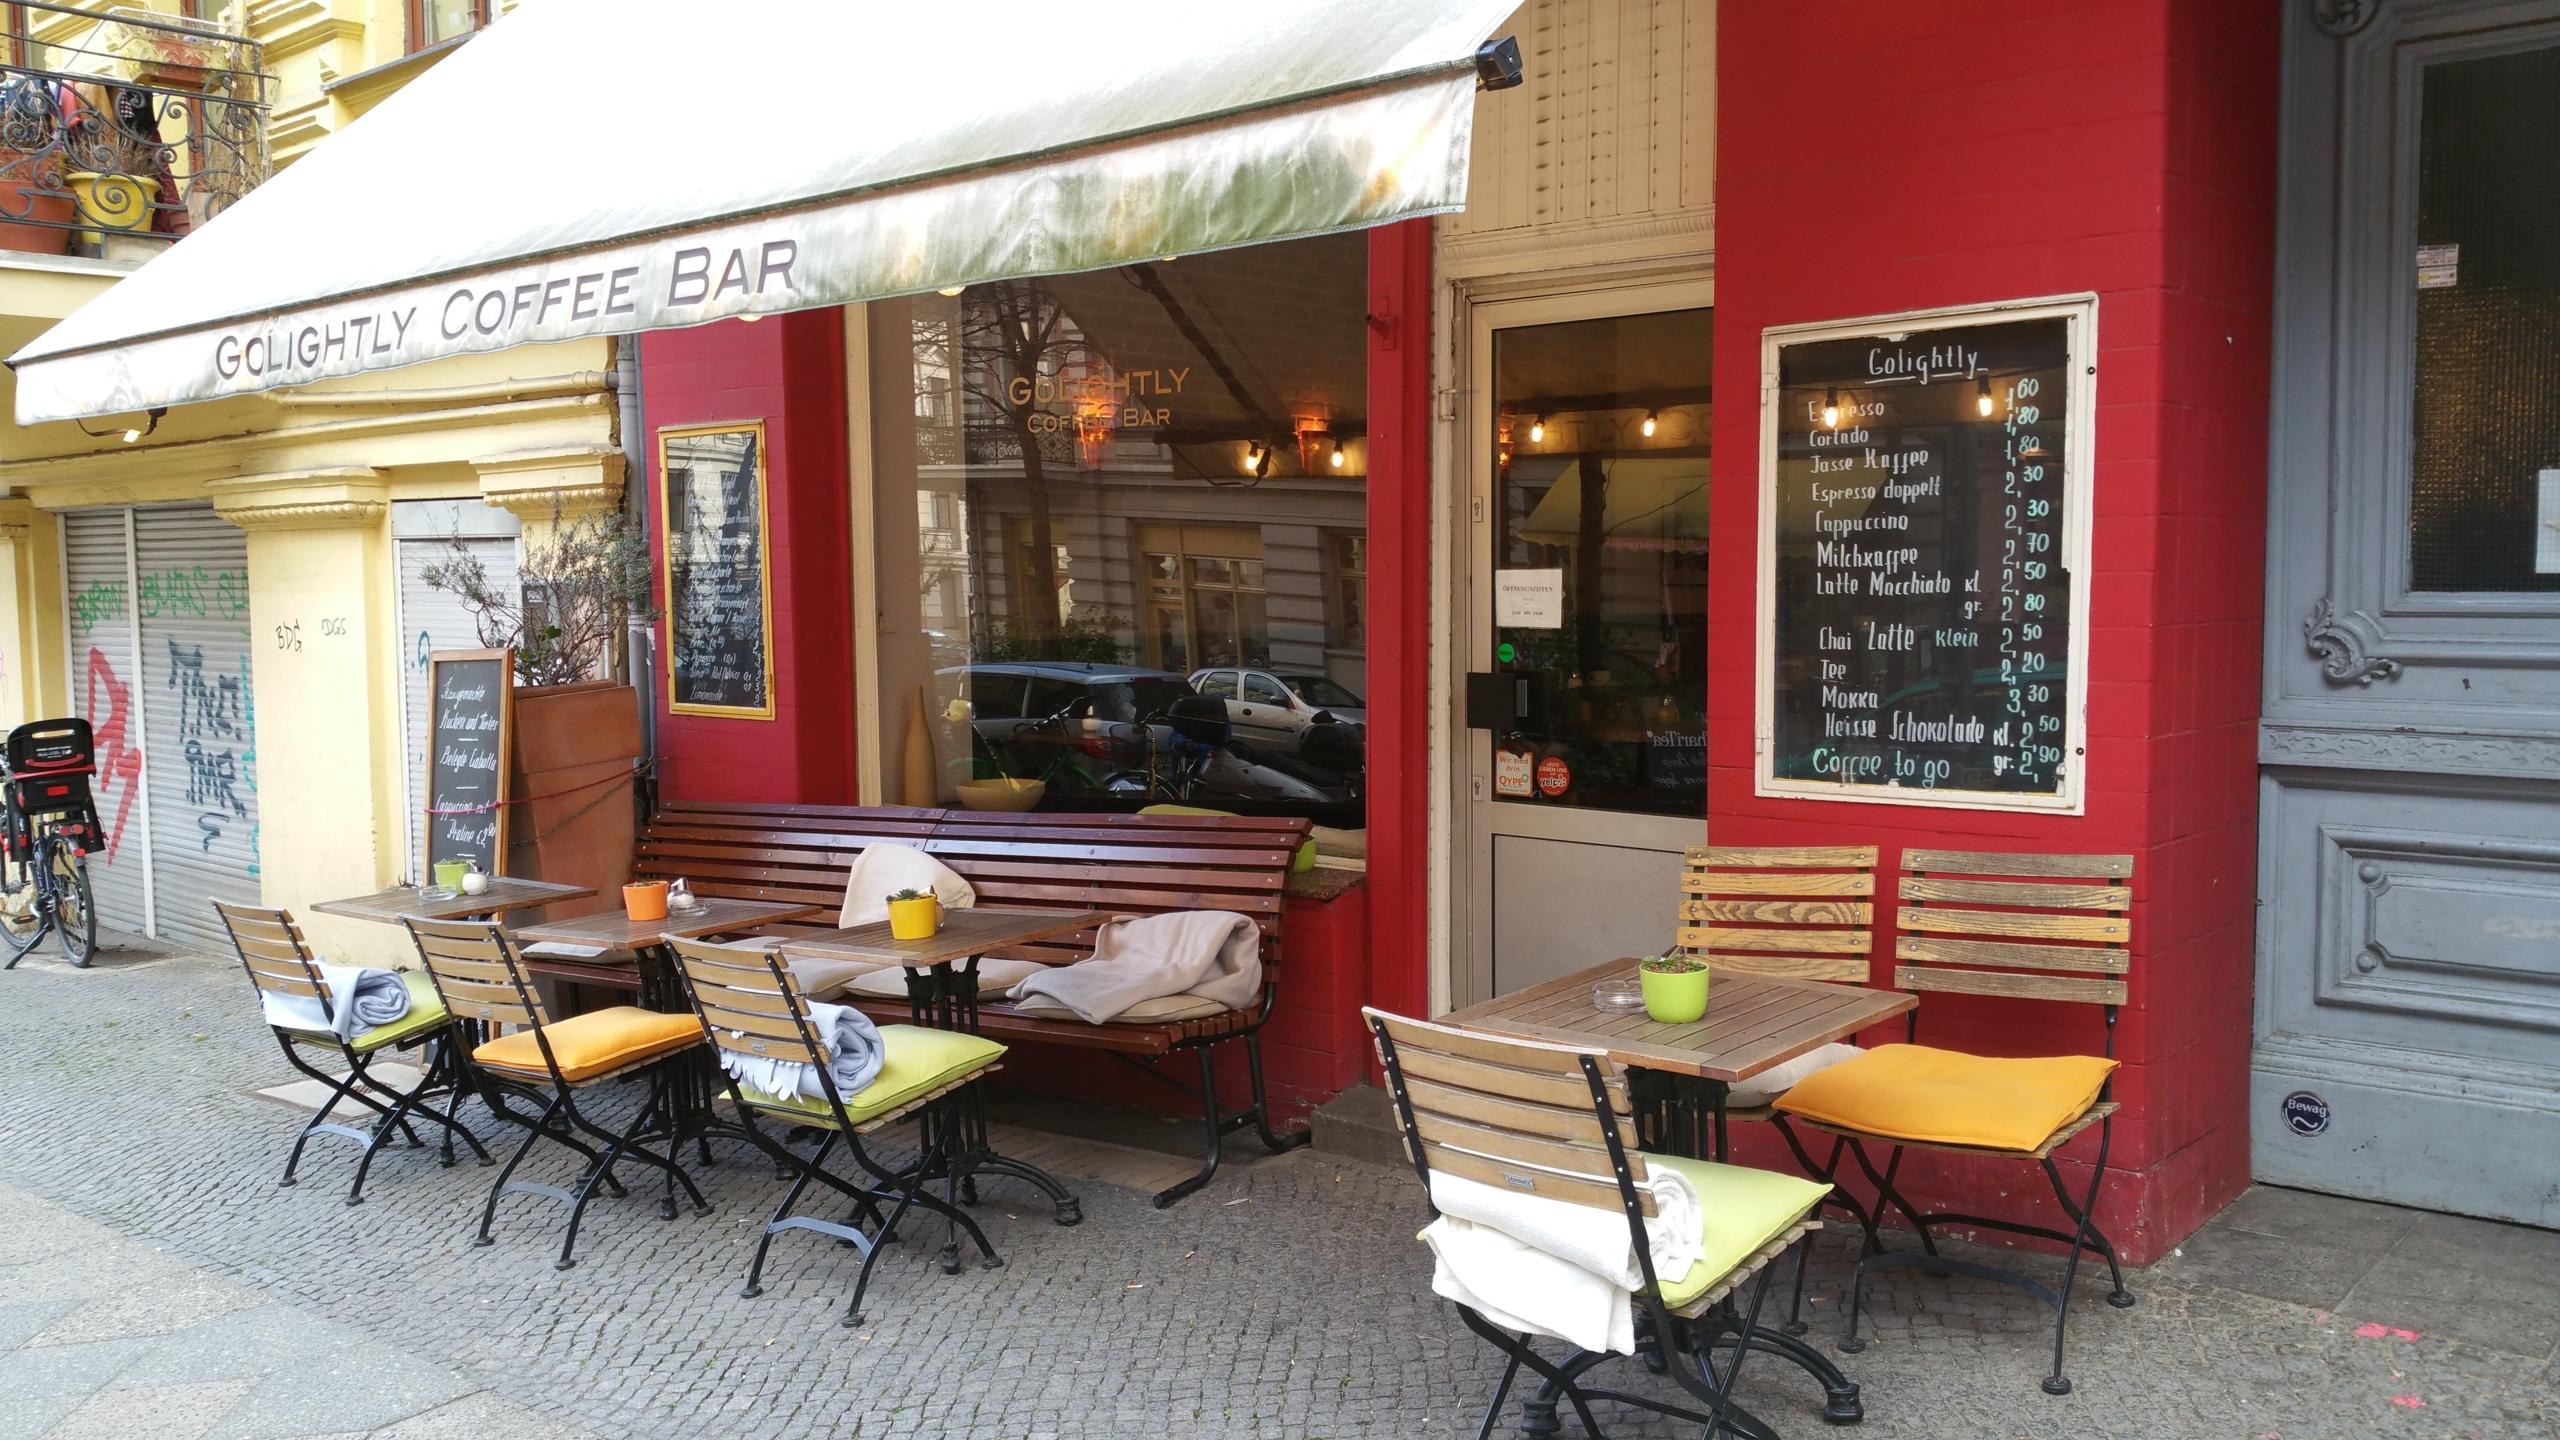 Golightly Coffee Bar öffnungszeiten Friesenstraße In Berlin Offennet